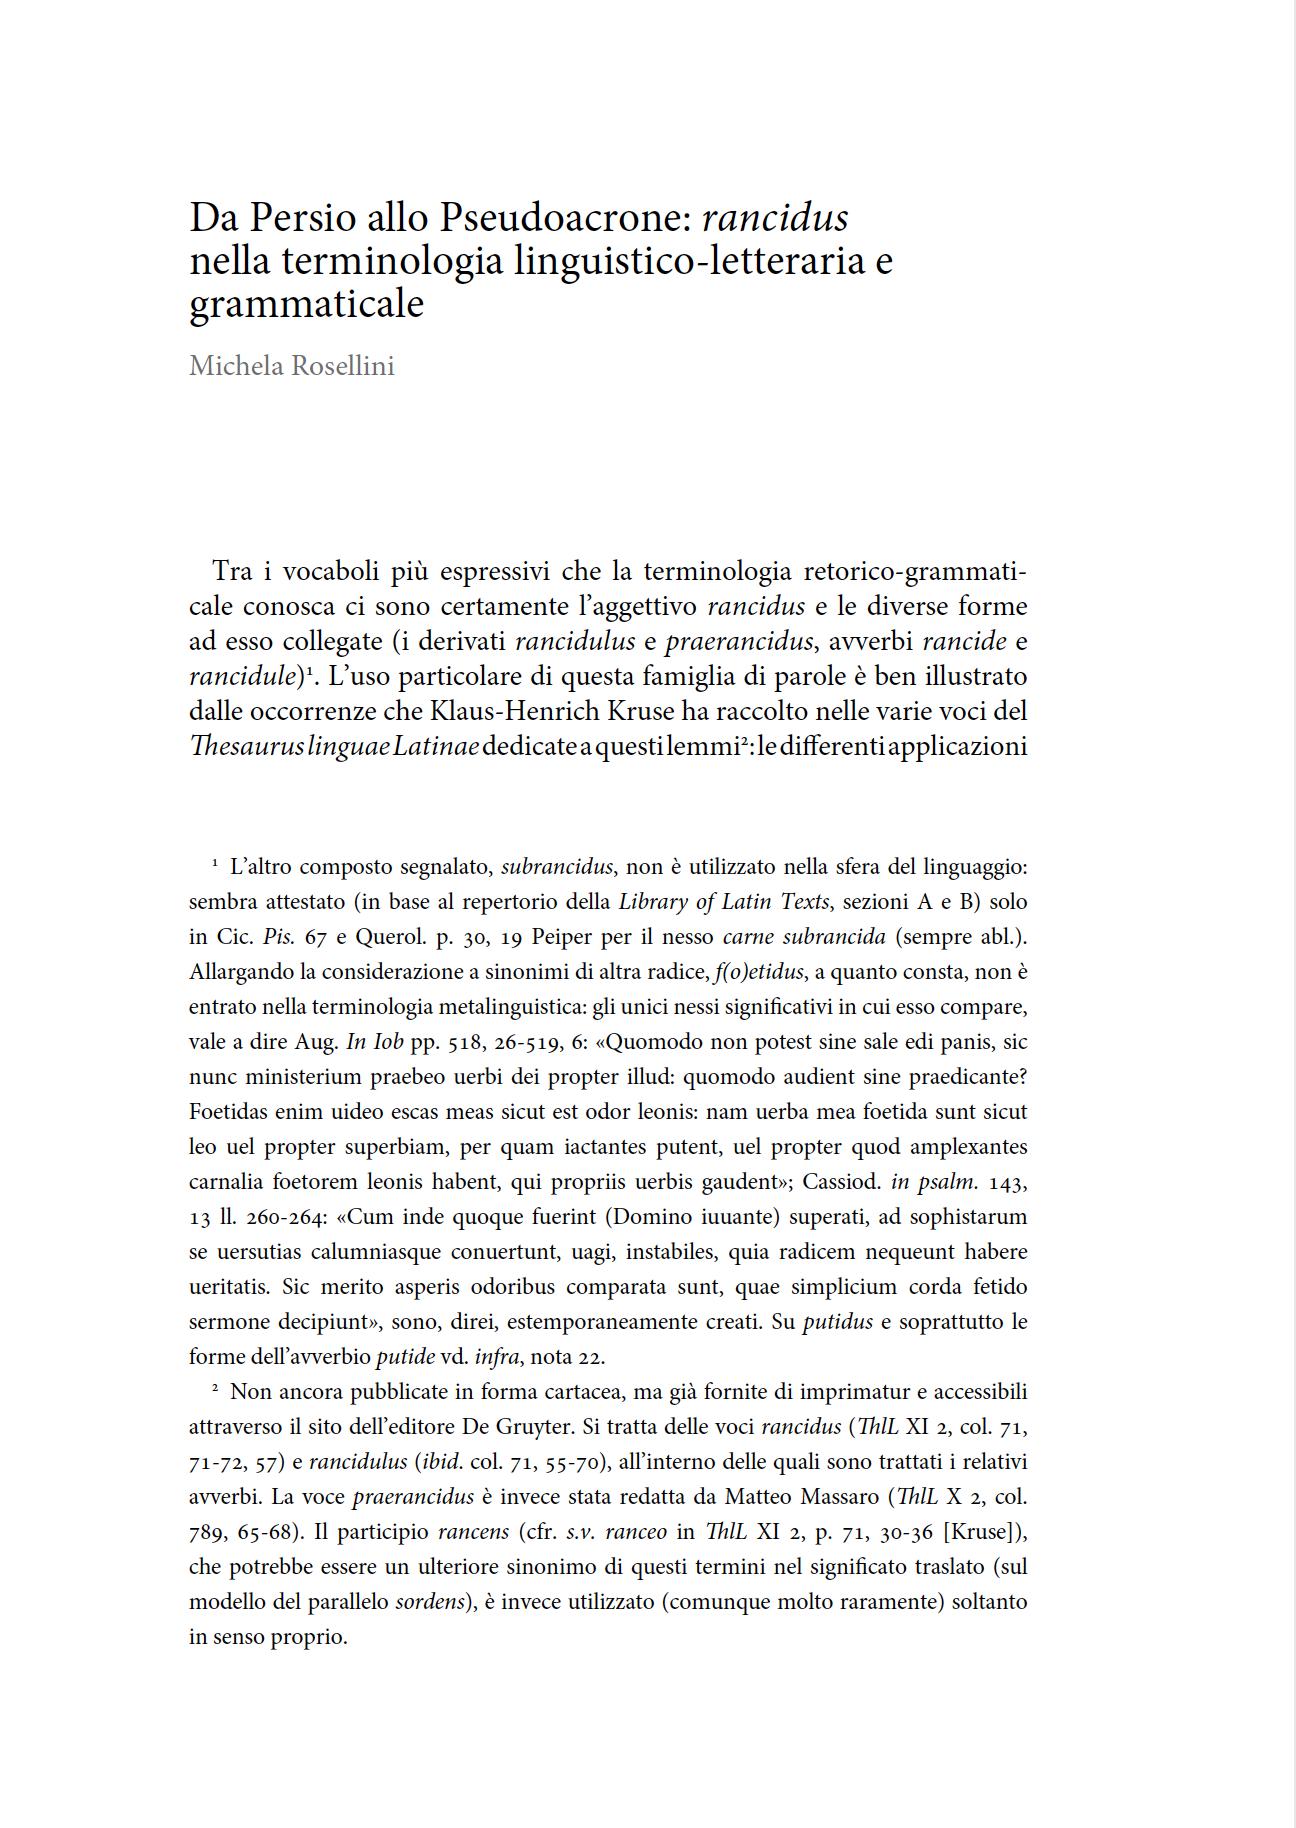 Da Persio allo Pseudoacrone: rancidus nella terminologia linguistico-letteraria e grammaticale